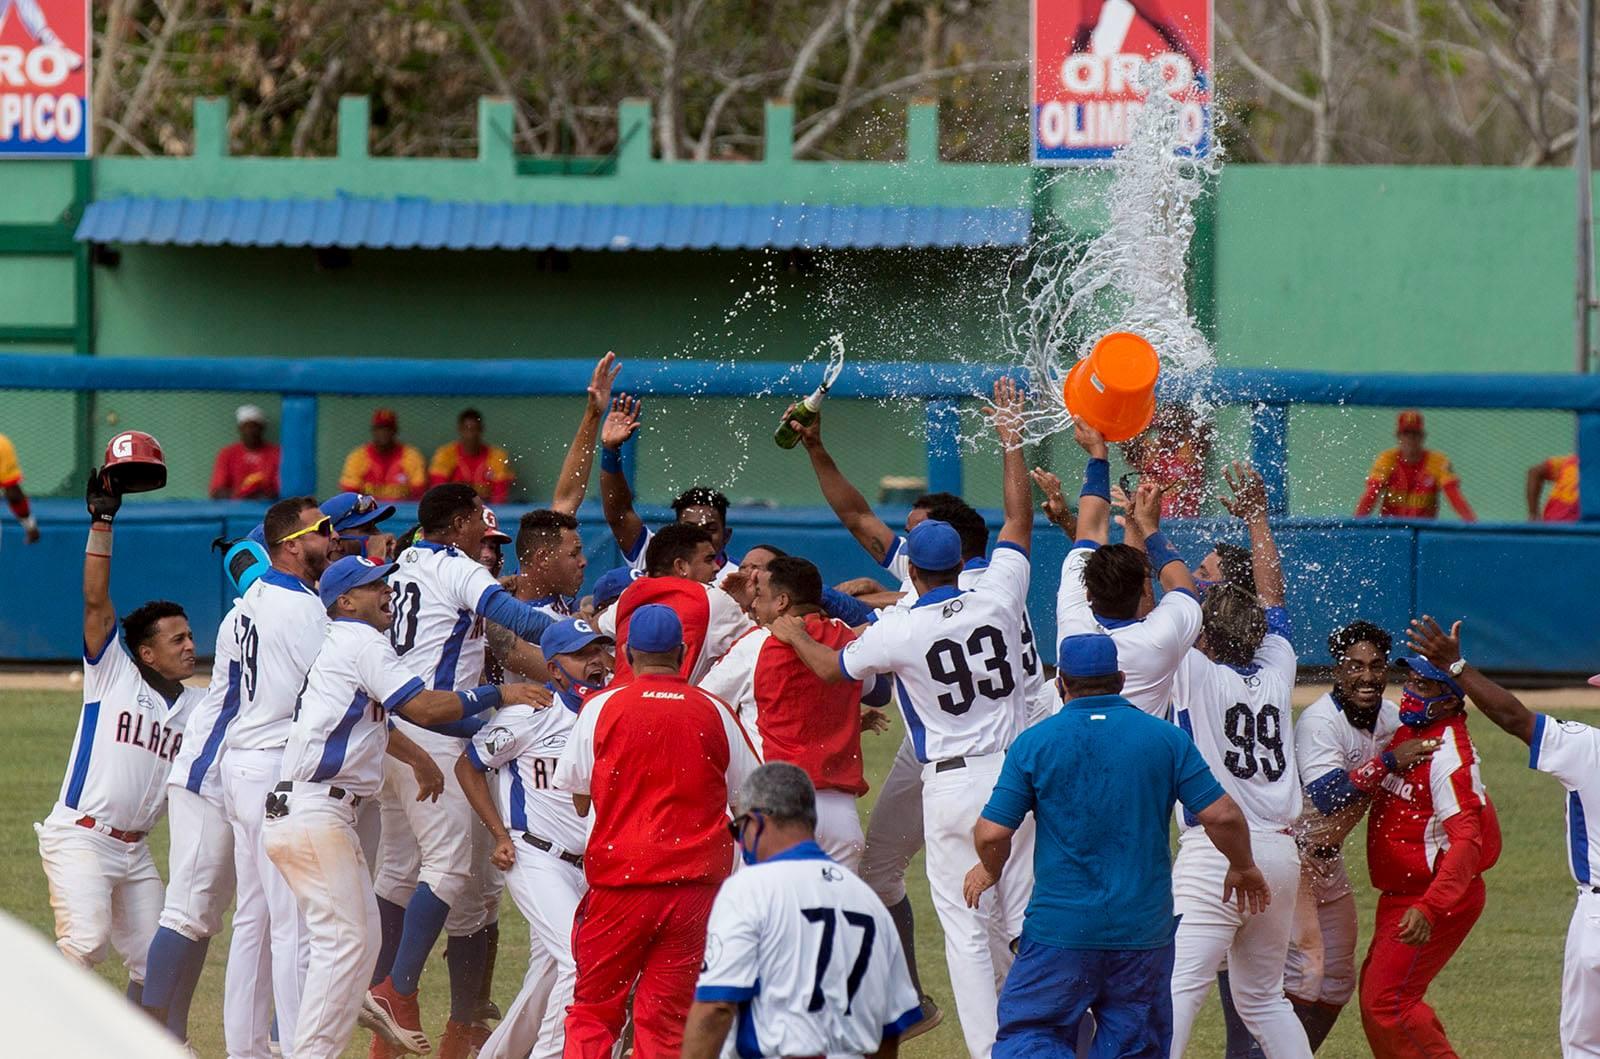 Presidente Díaz-Canel felicita a nuevo campeón de béisbol en Cuba